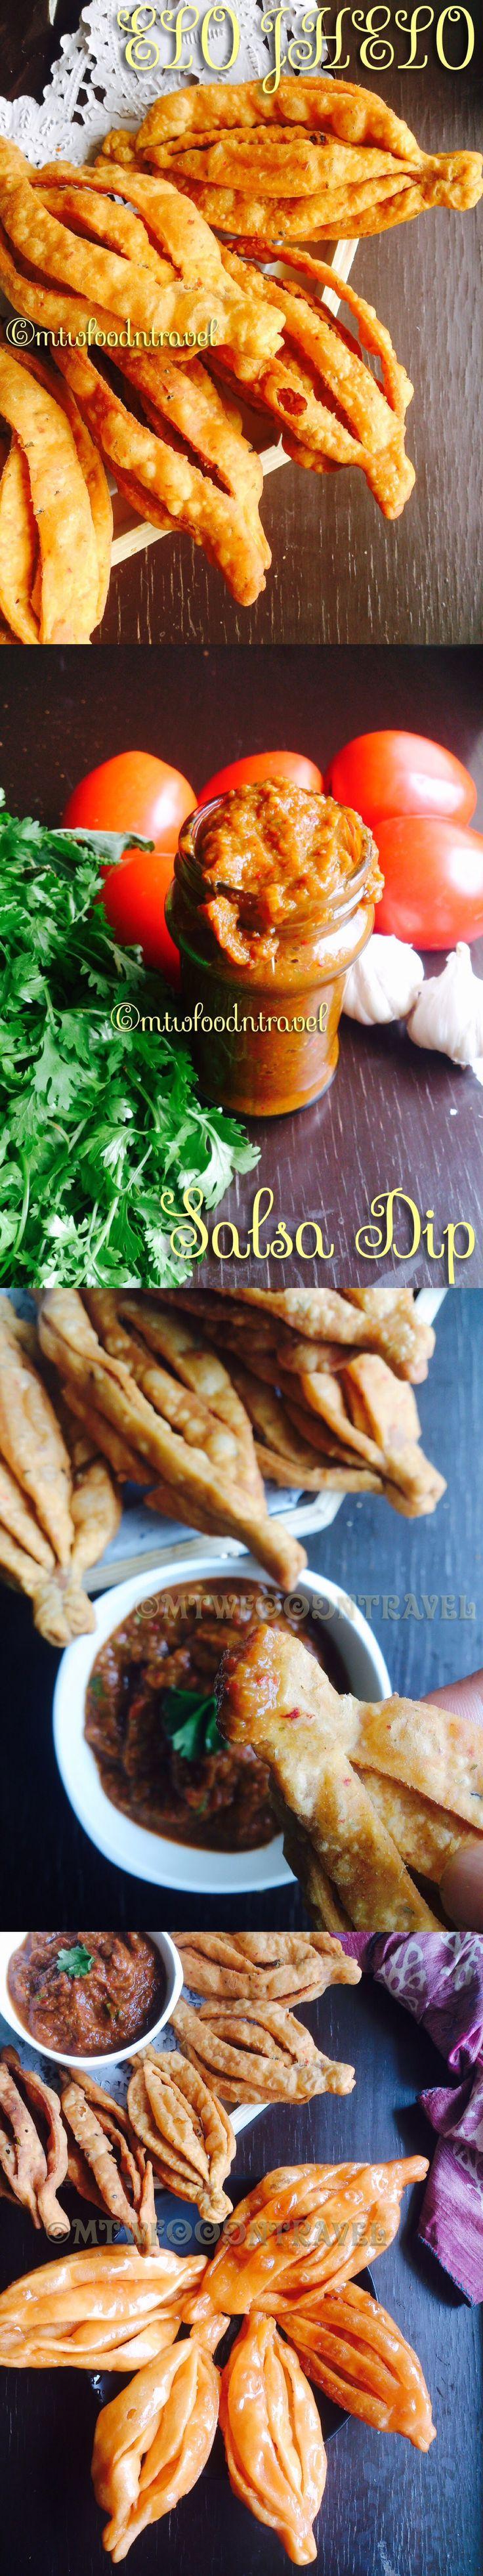 Elo Jhelo ~ Savoury and Sweet crunchy dry snacks